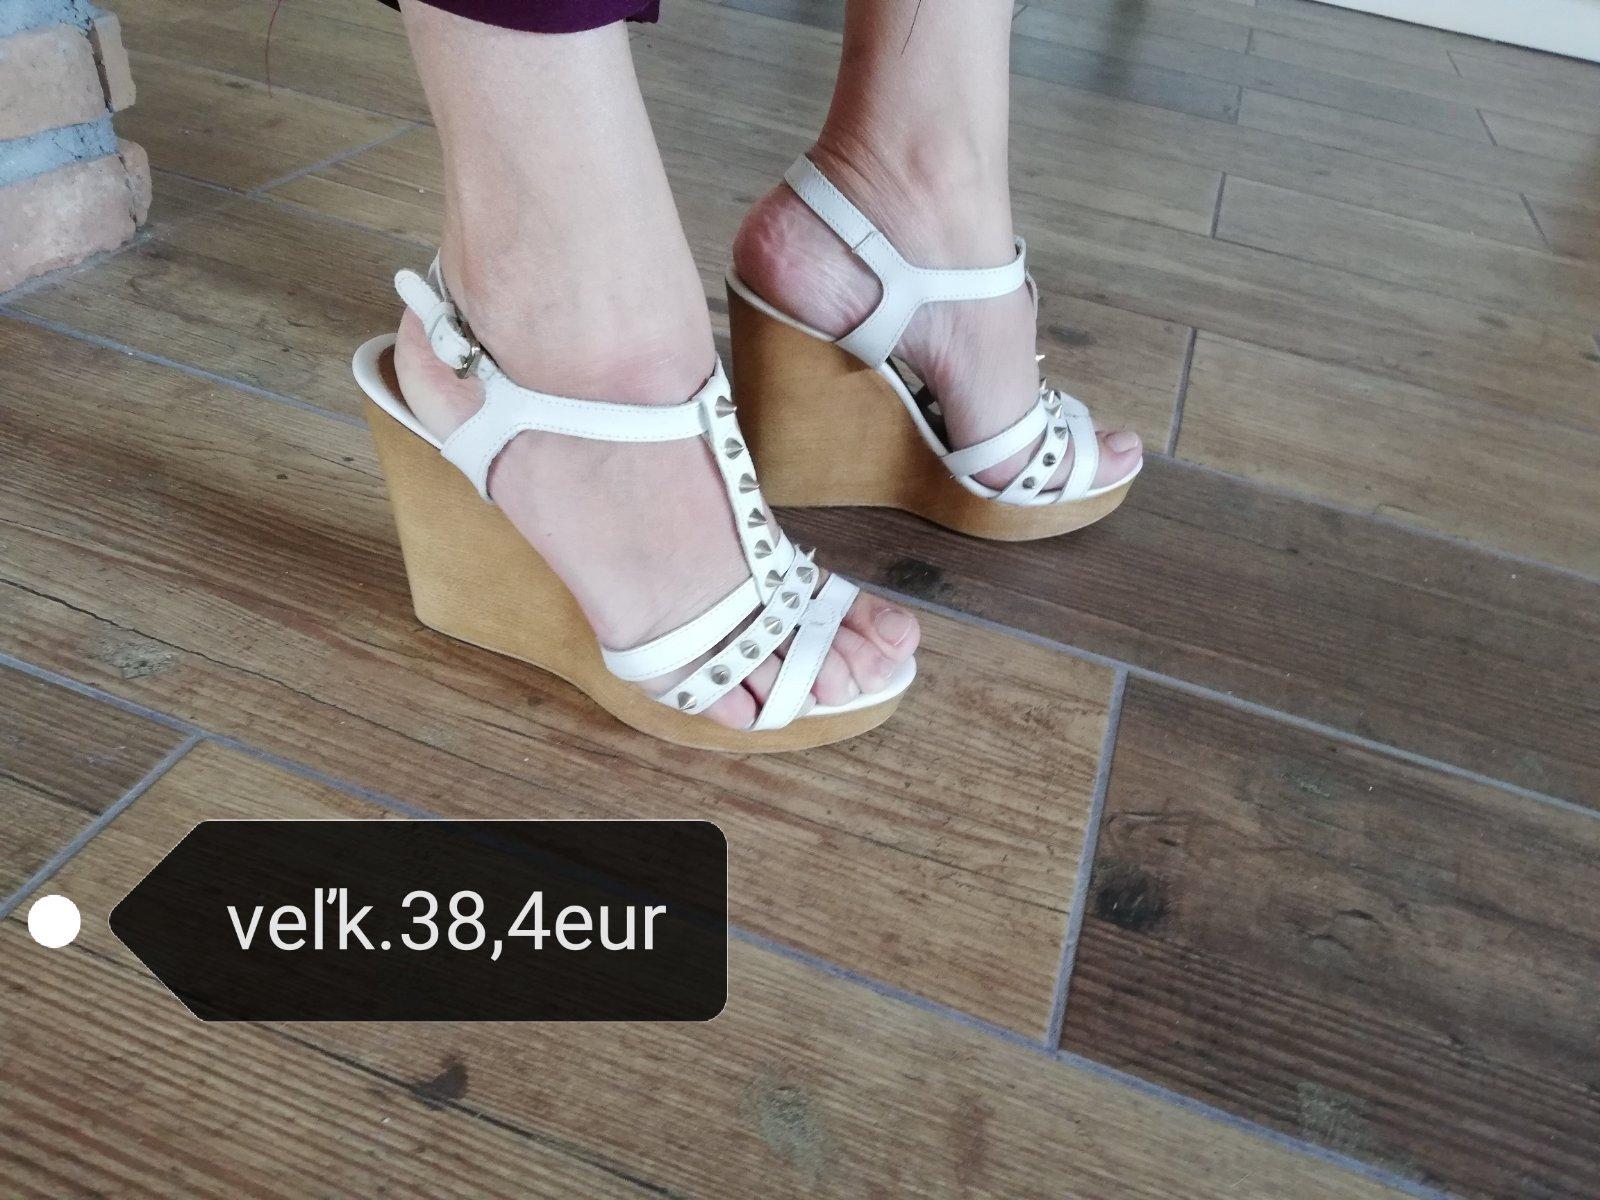 6c4ed72bbe6b3 Biele sandále na platforme, 38 - 4 € od predávajúcej anitabr | Detský bazár  | ModryKonik.sk